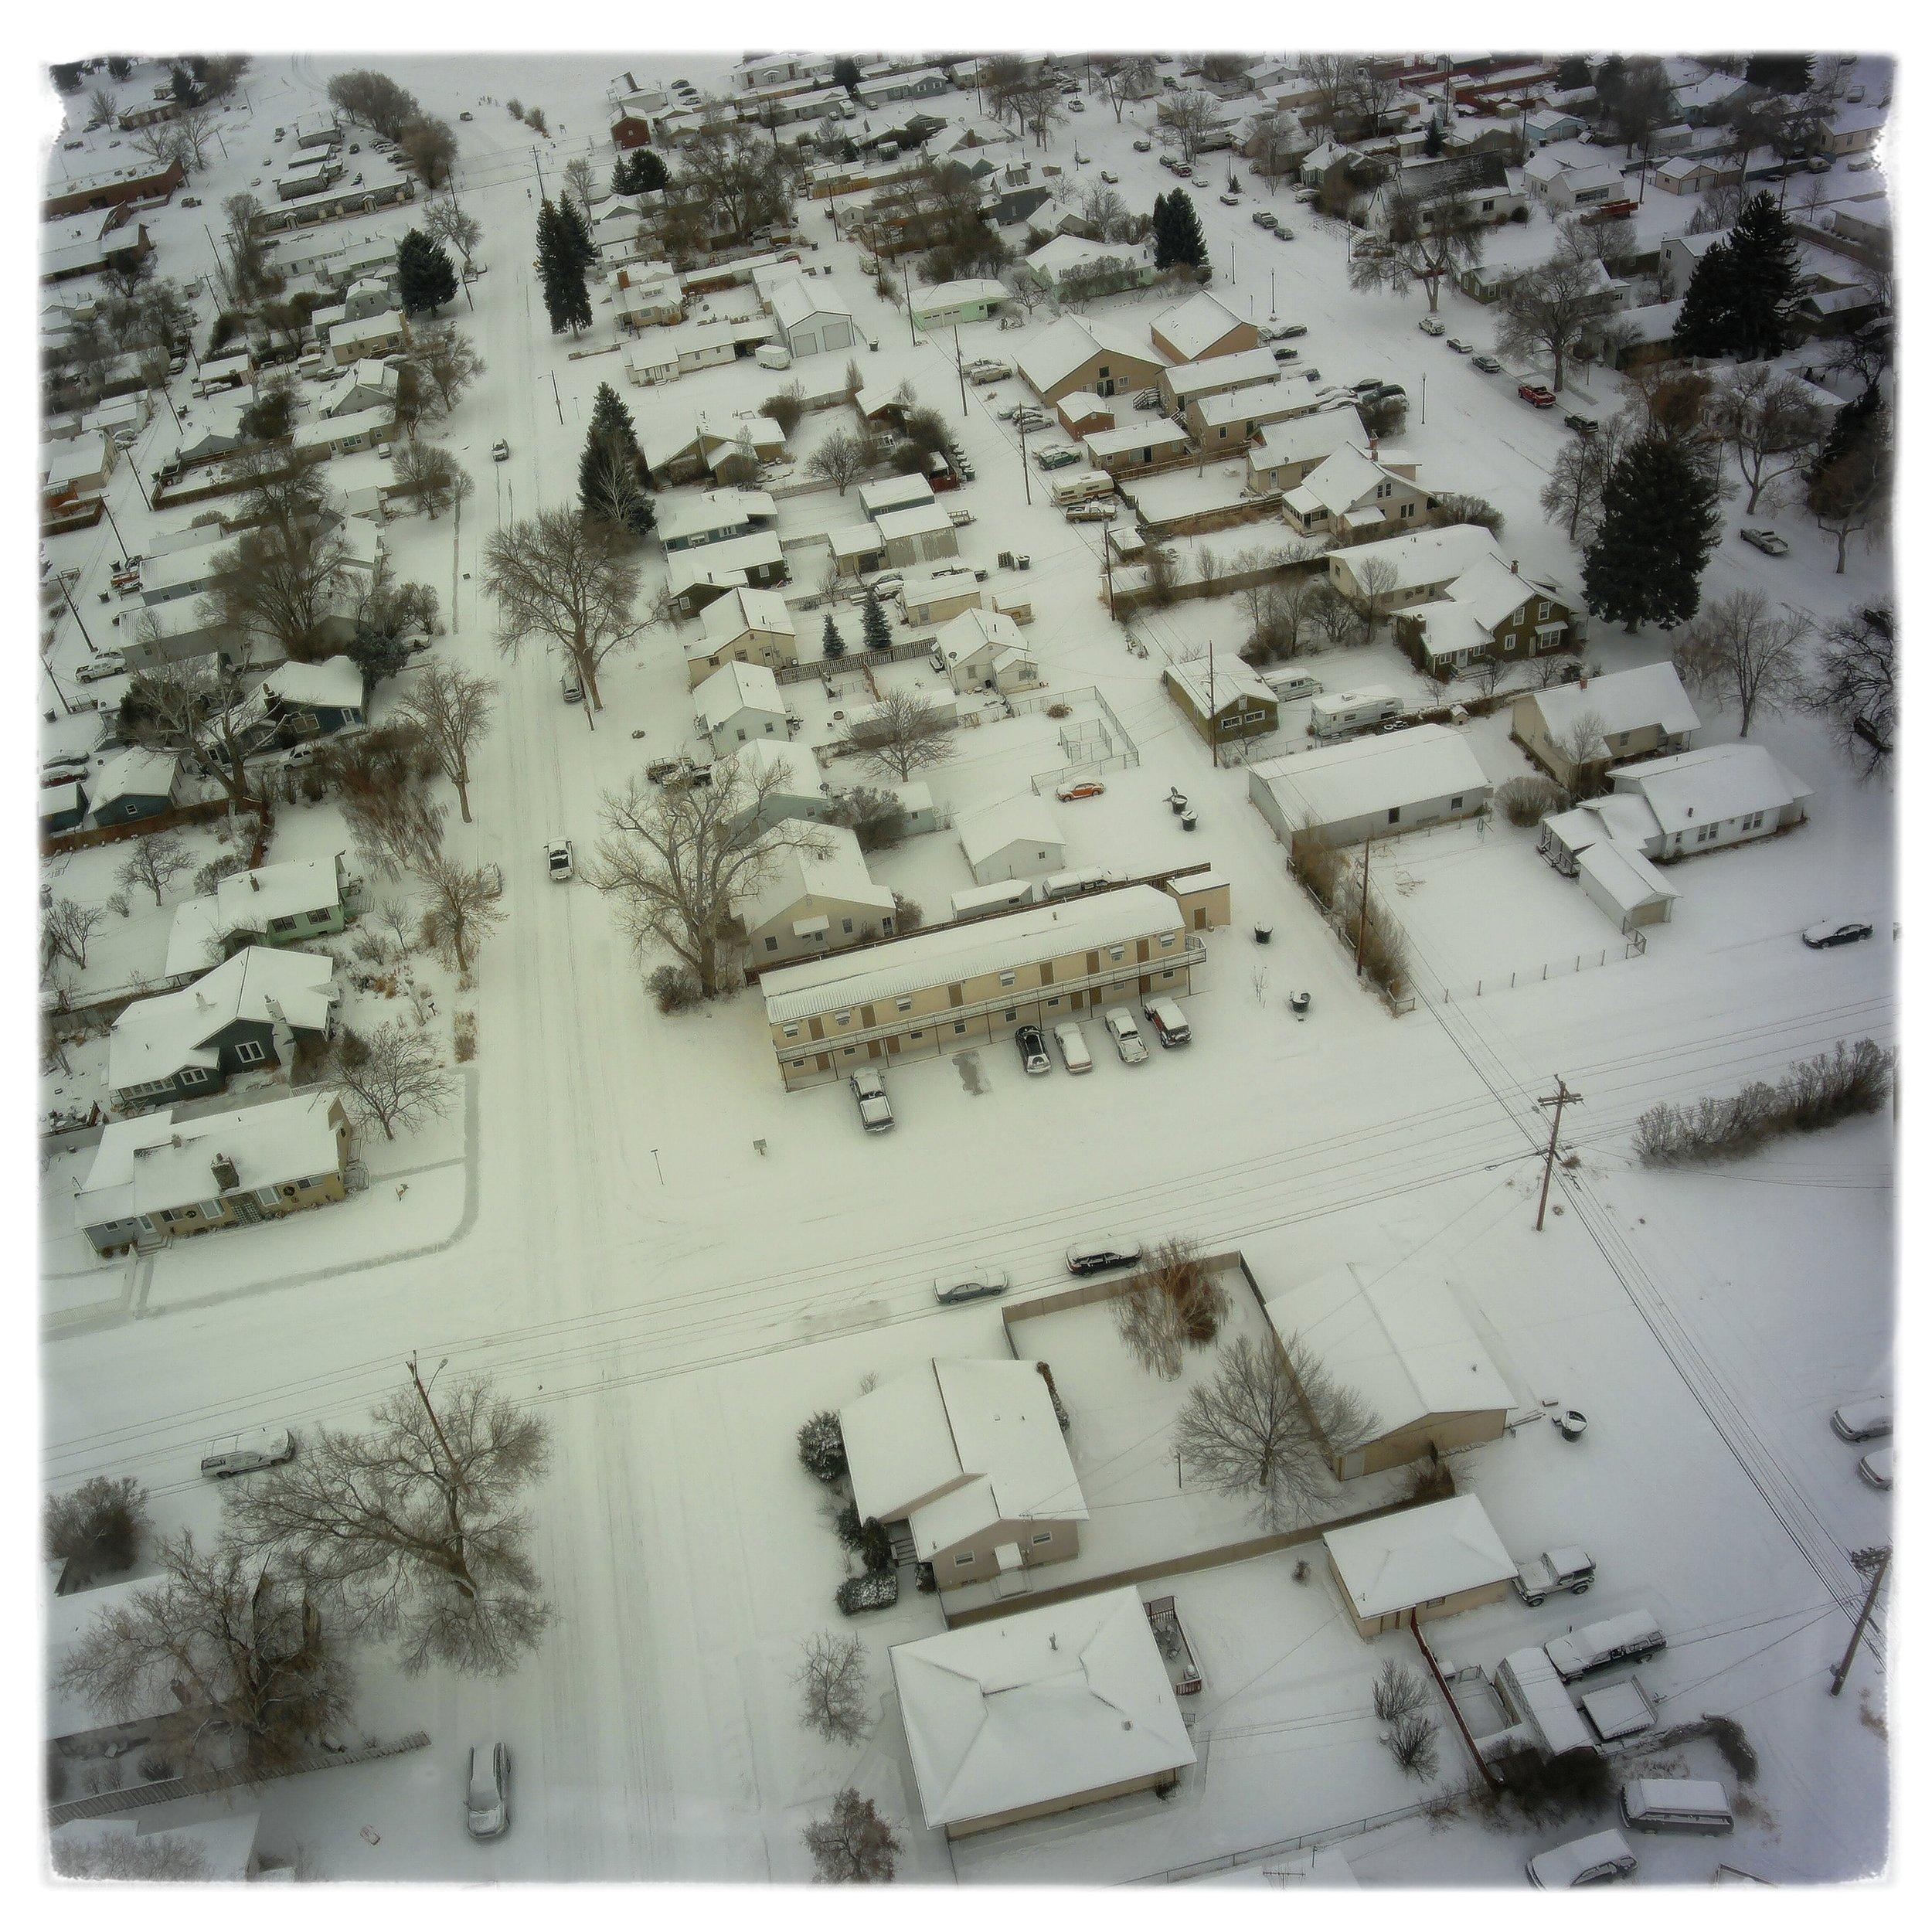 My frozen neighborhood for the last flight of 2017.